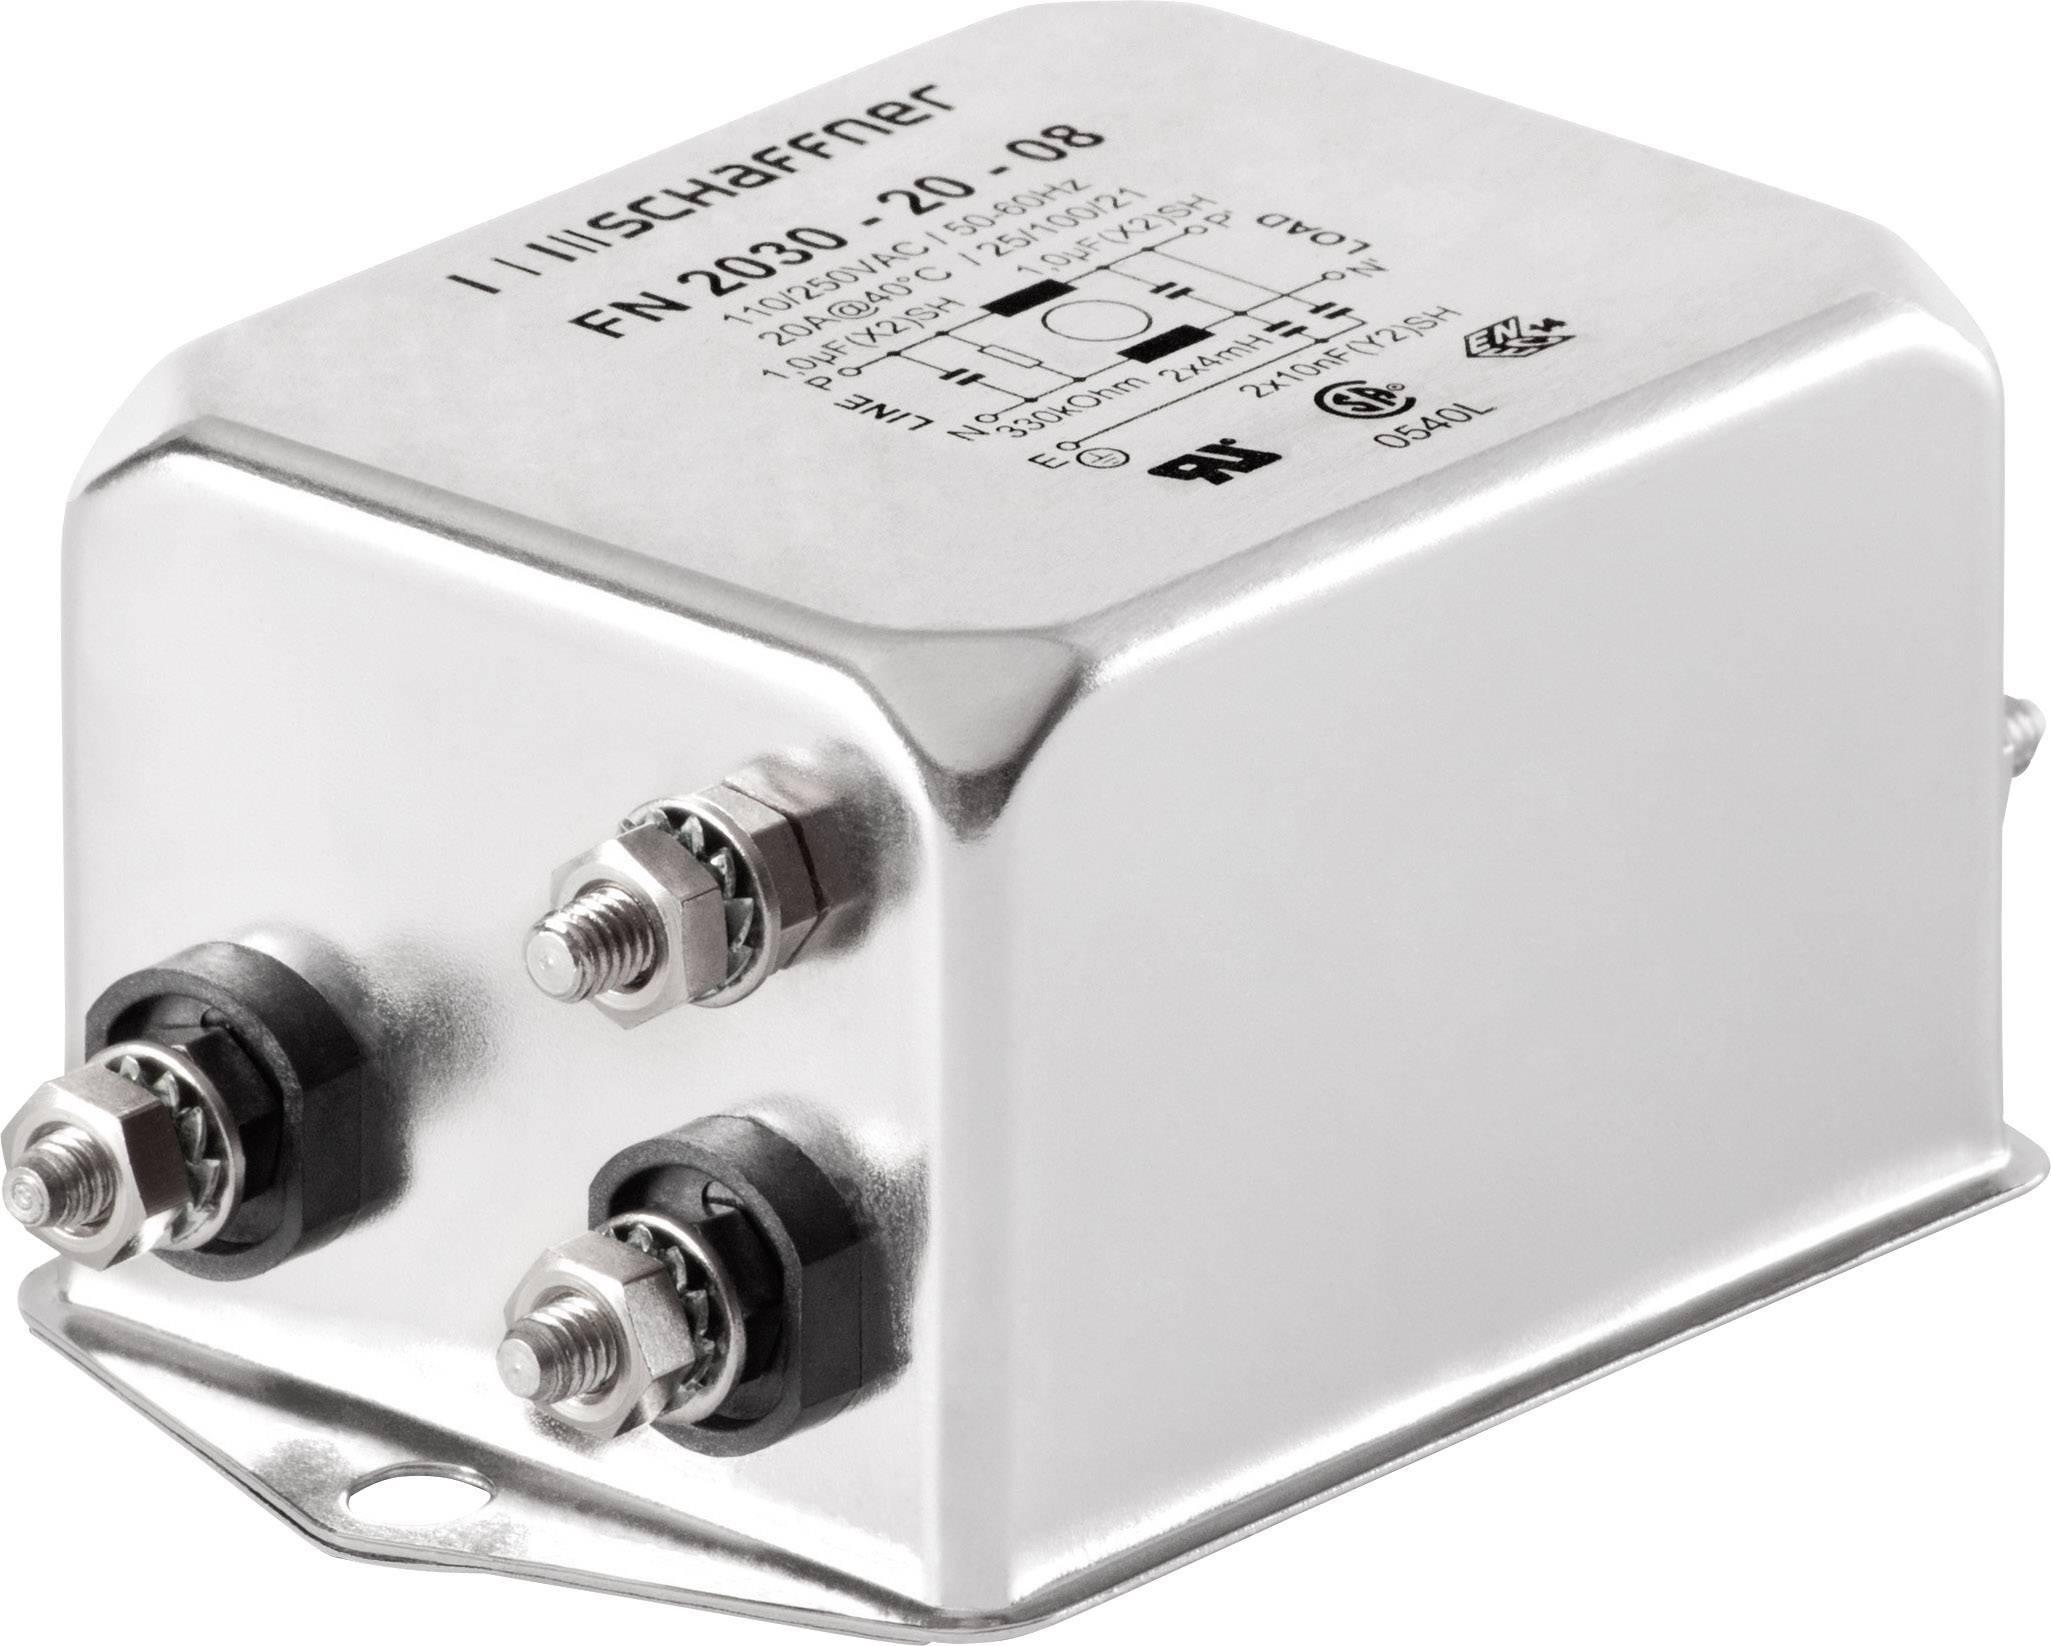 Jednofázový síťový filtr Schaffner, FN2030-20-06, 4 mH, 250 V/AC, 20 A